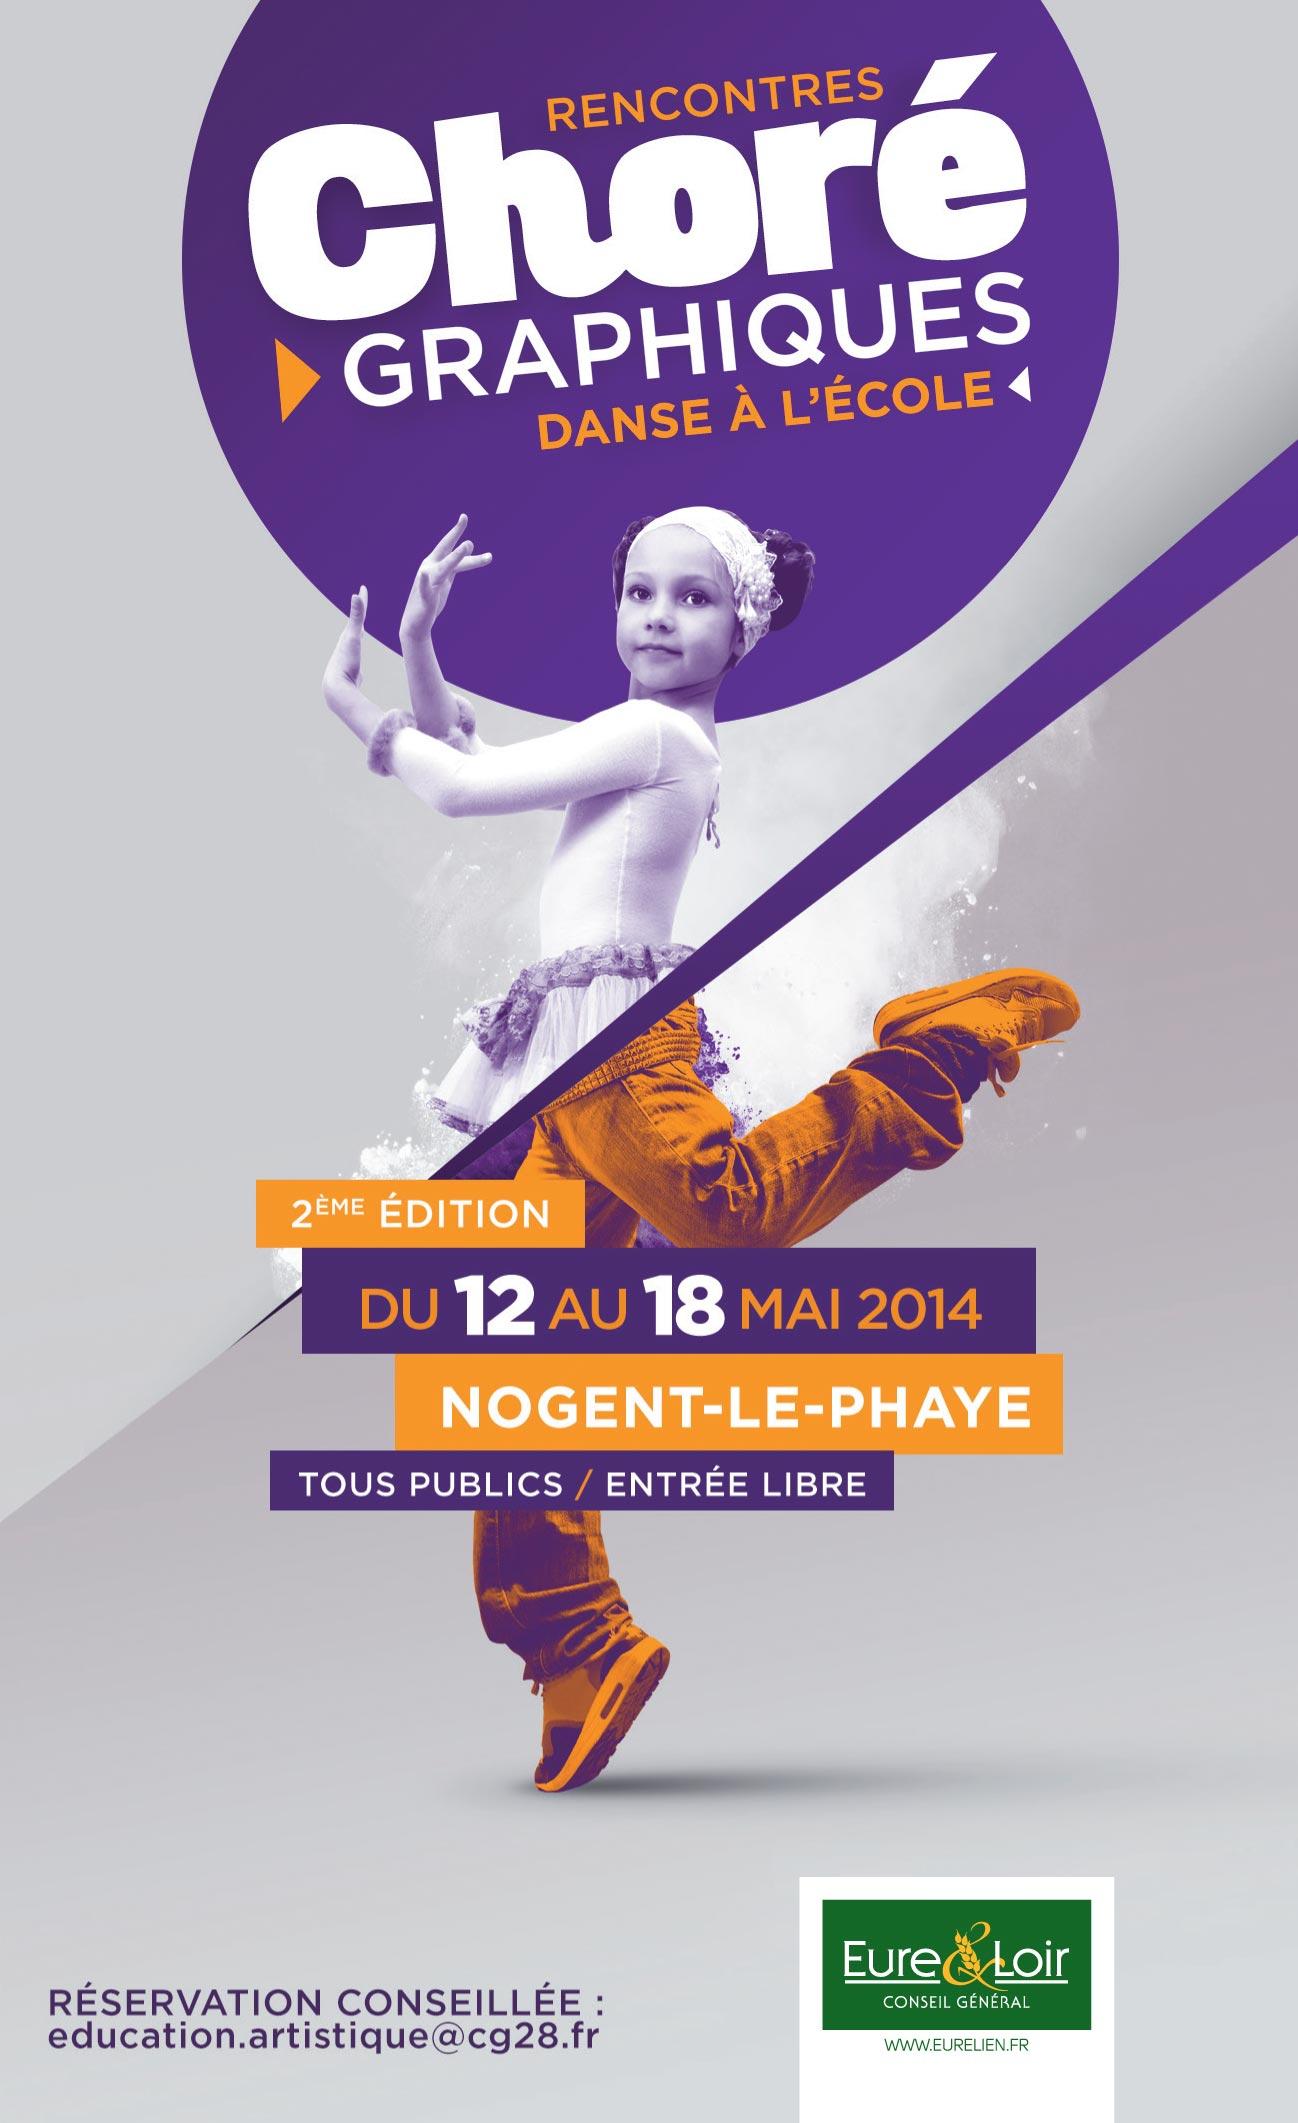 2014.05.12-18_2emeRencontresChorégraphiquesDEureEtLoir_DanseALEcole_Nogent-le-Phaye_couv